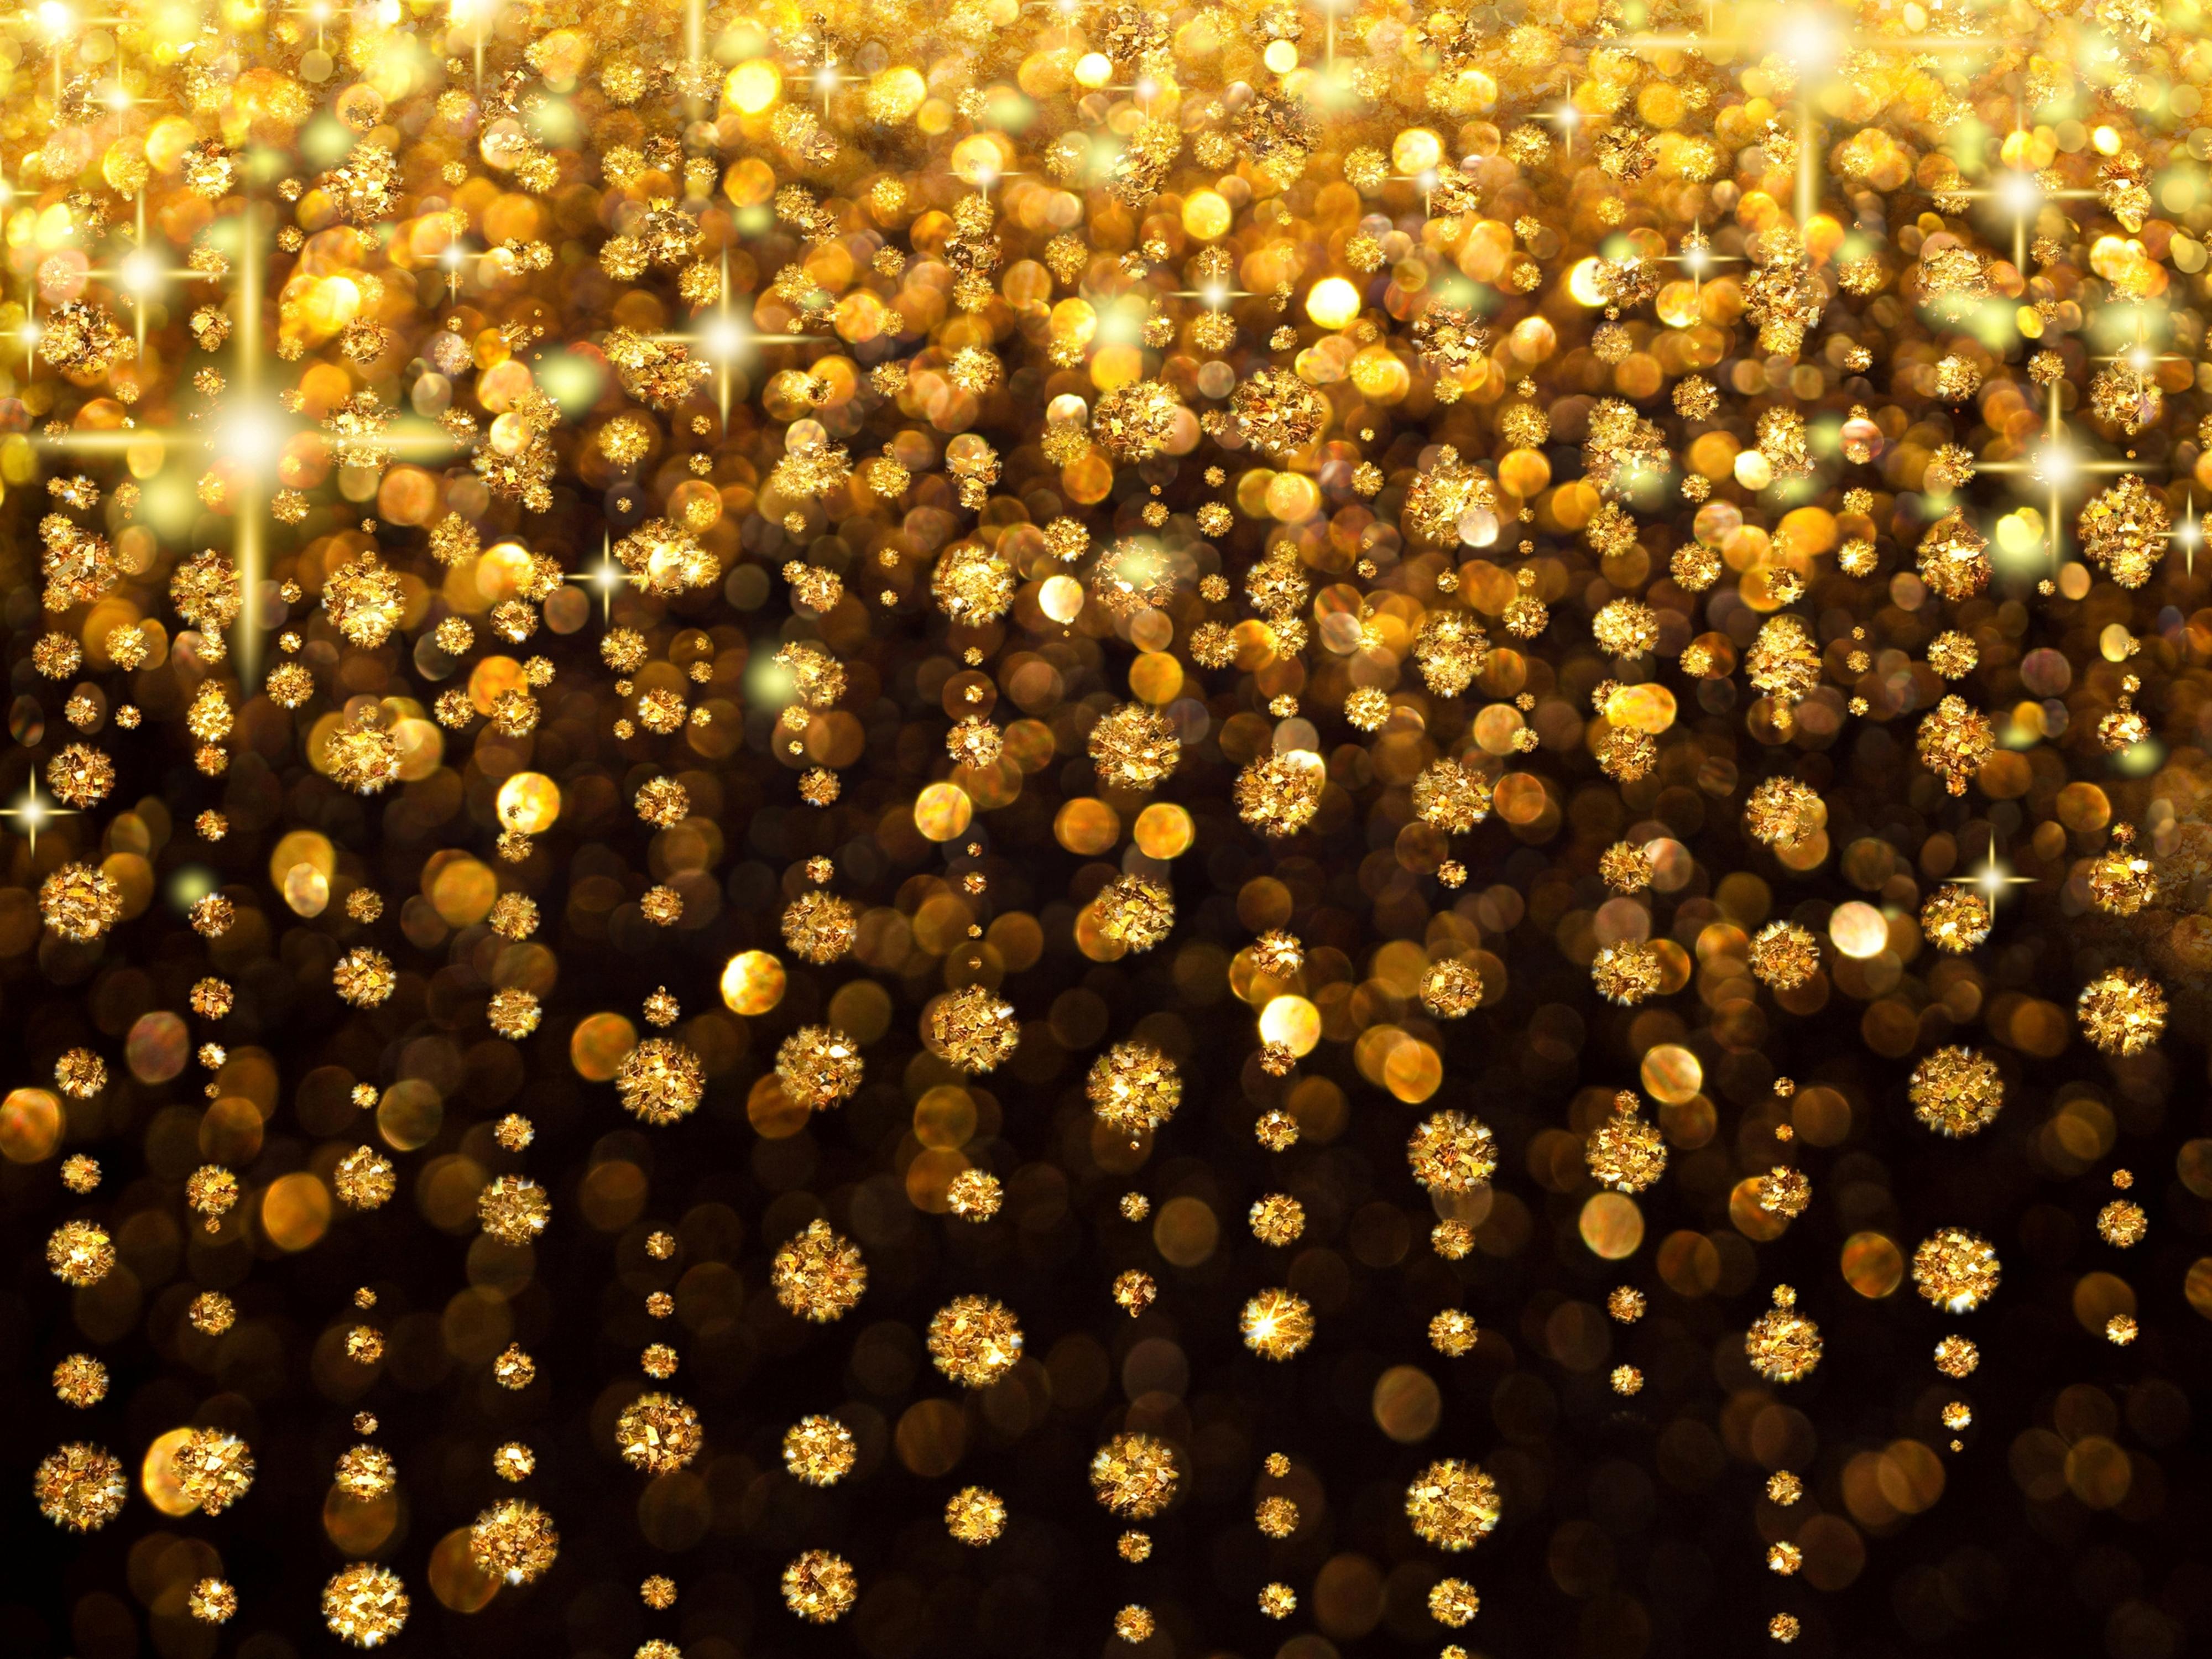 золотой дождь фотографии